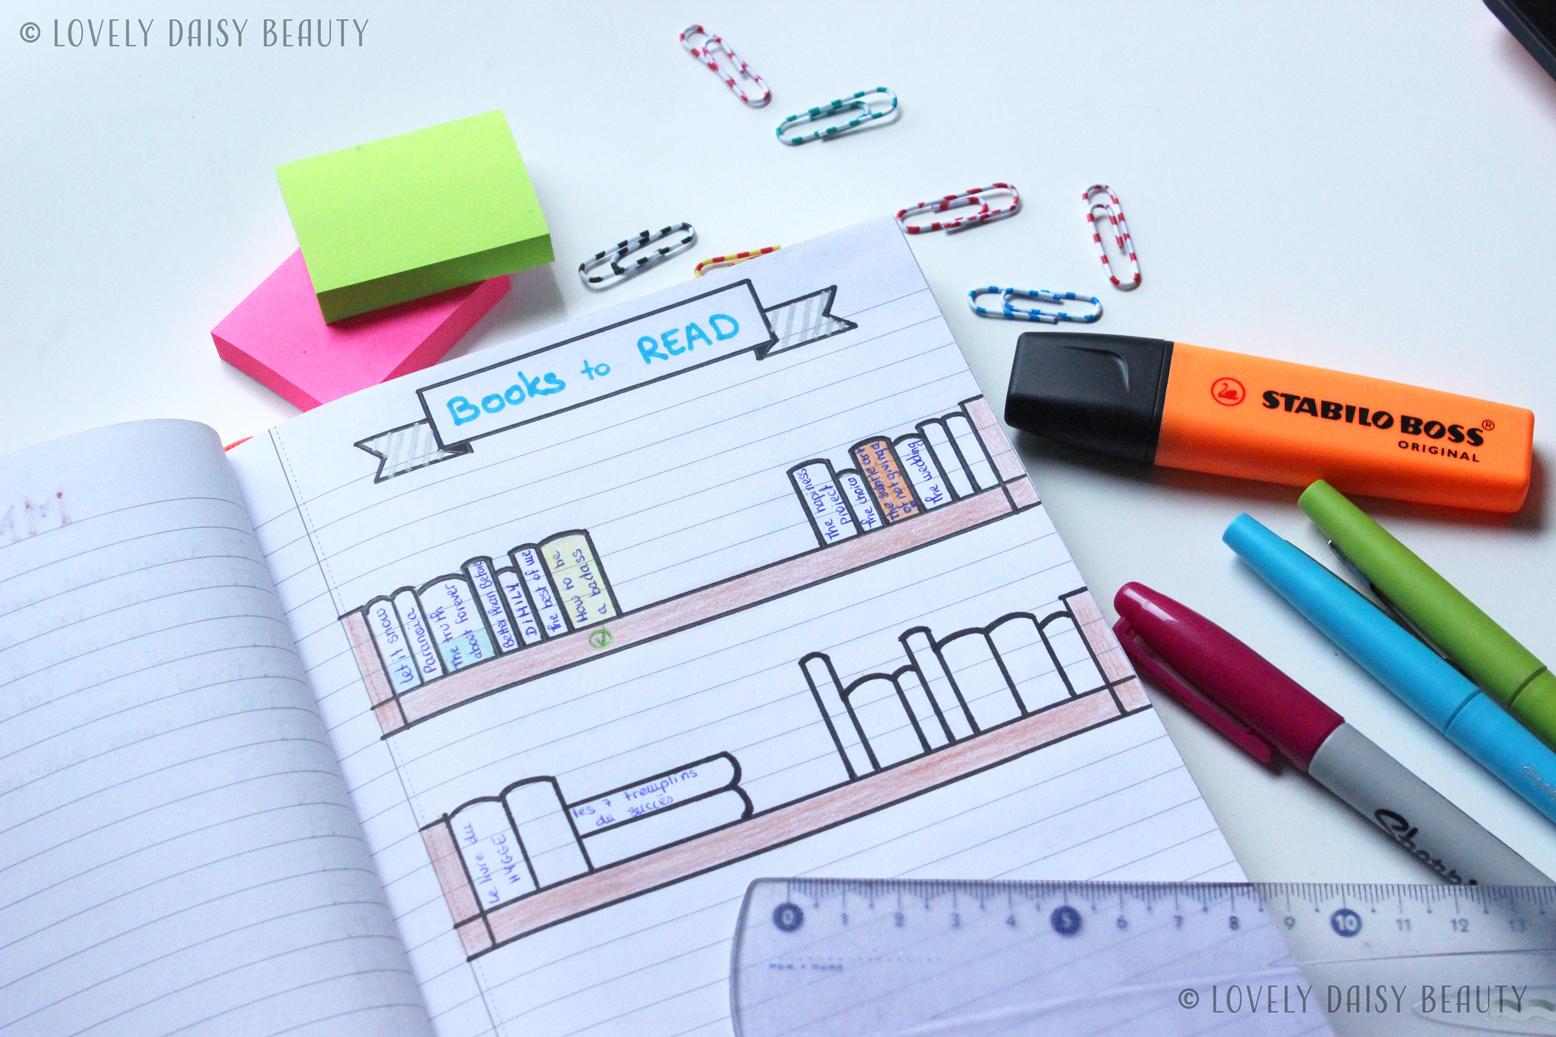 bullet-journal-LDBty1